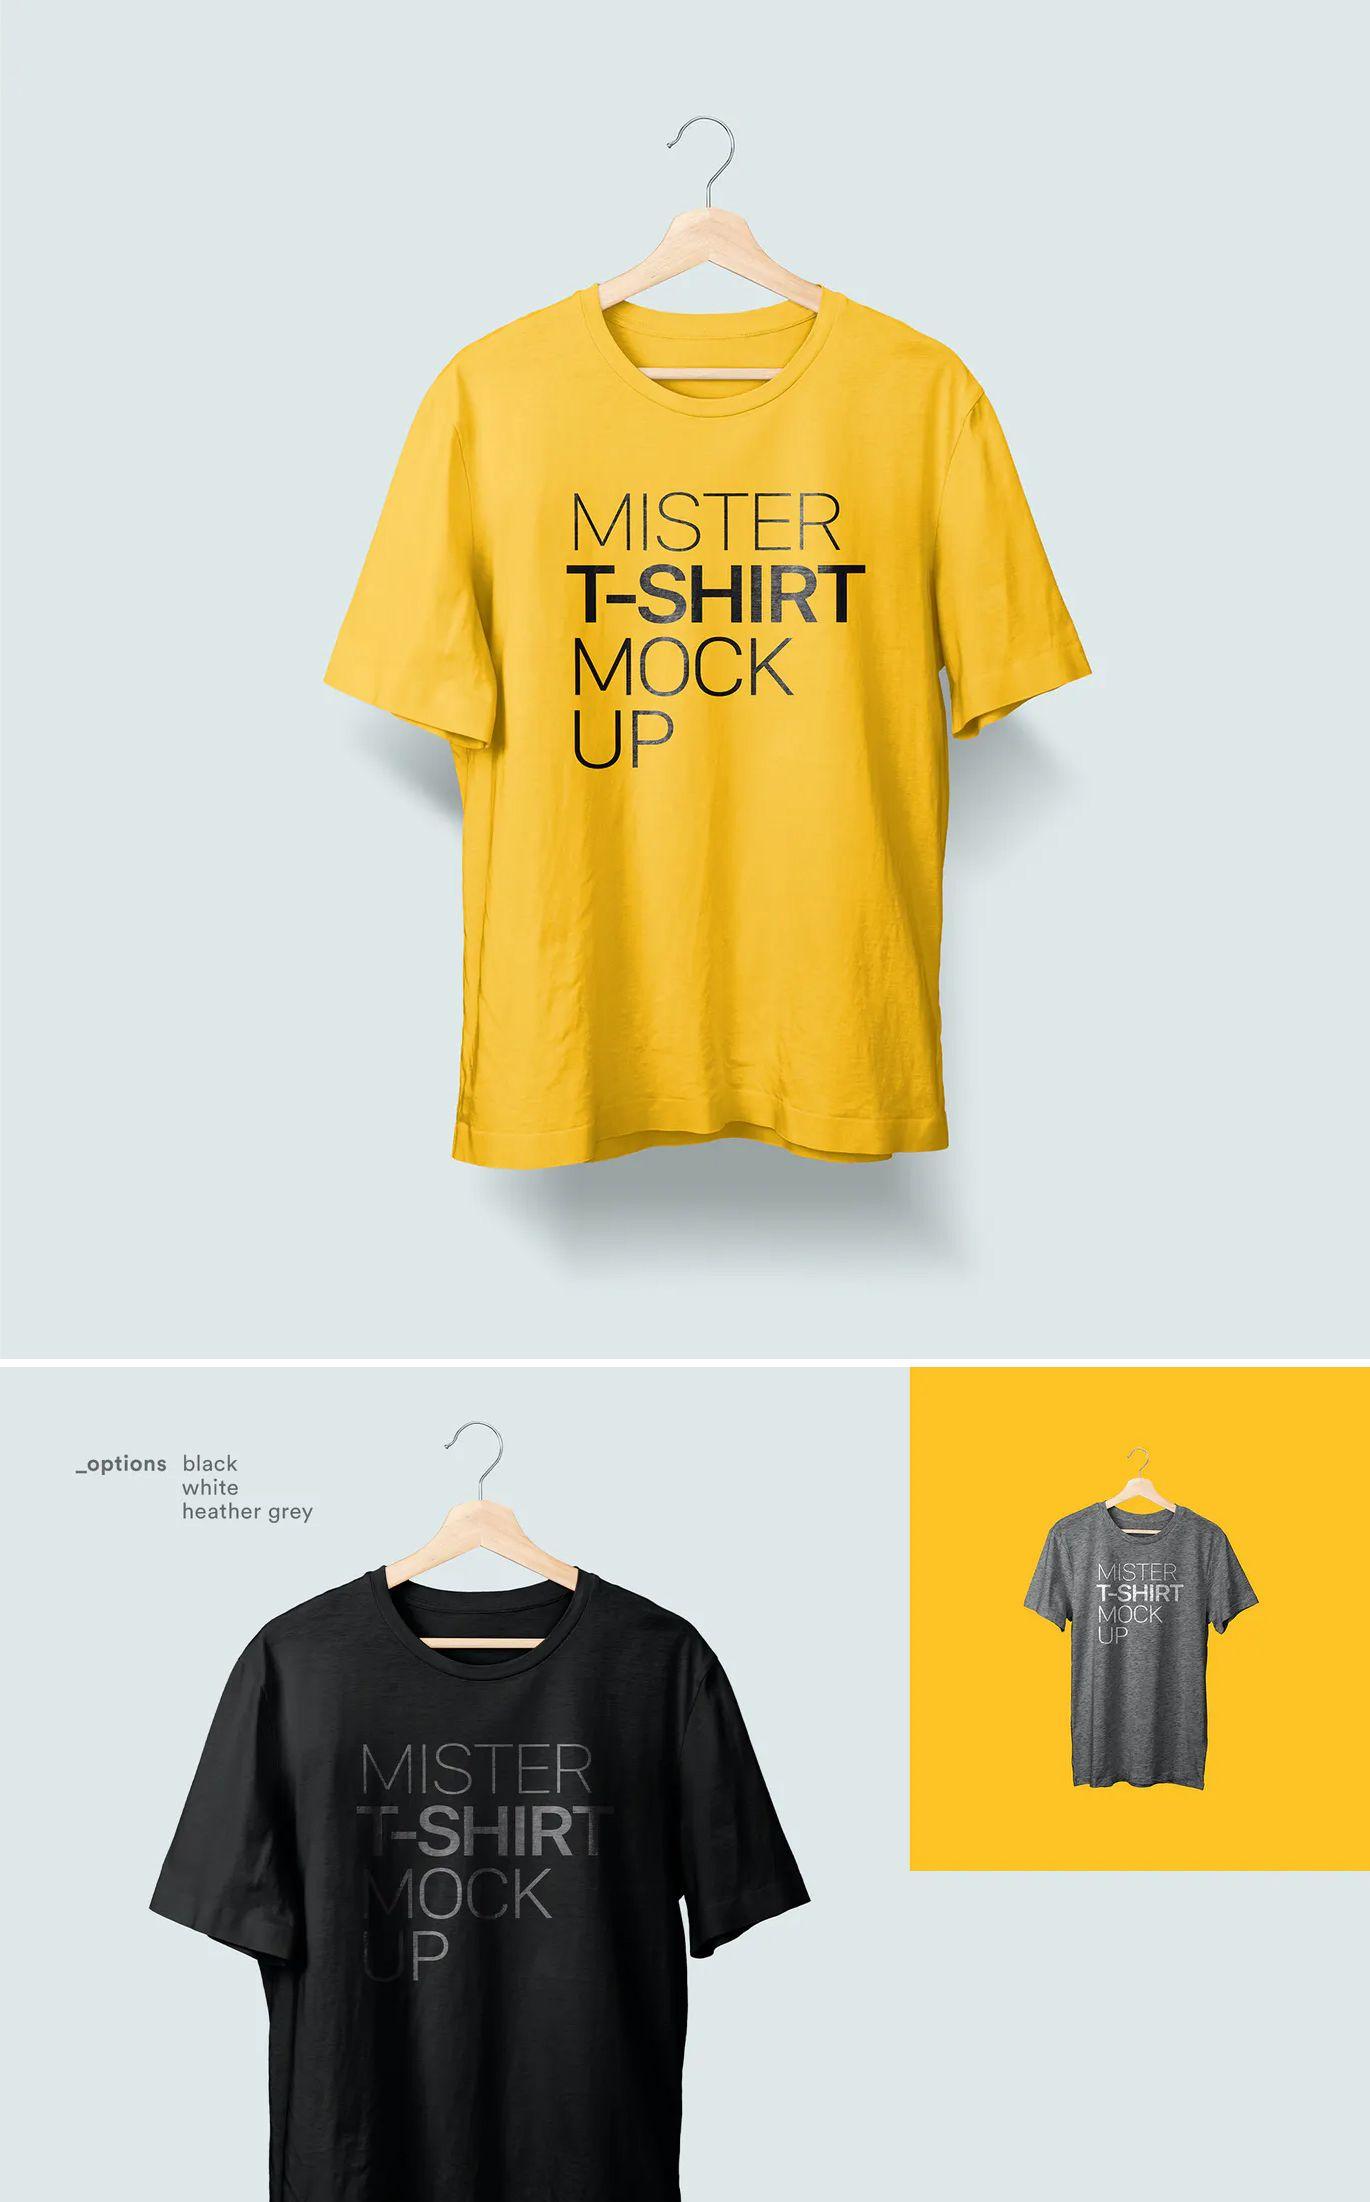 Download T Shirt Mockup Psd Tshirt Mockup Shirt Mockup T Shirt